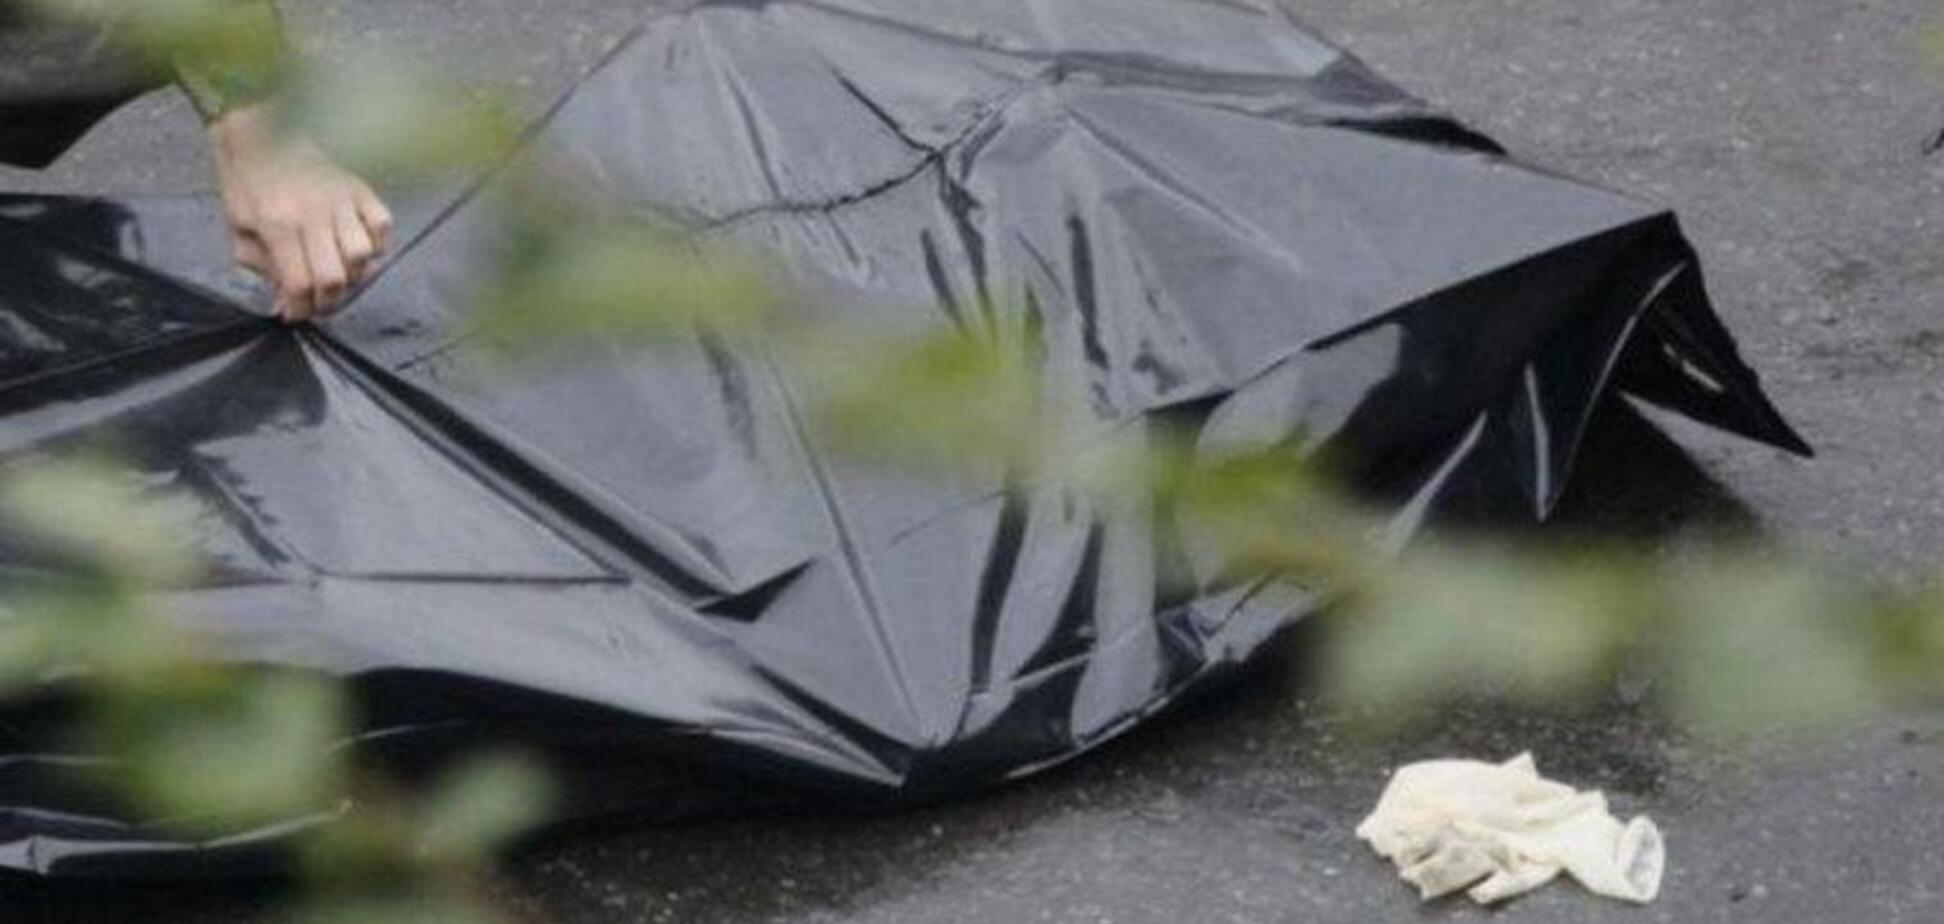 Весь у крові: в Дніпрі біля заводу знайшли мертвого чоловіка. Фото 18+